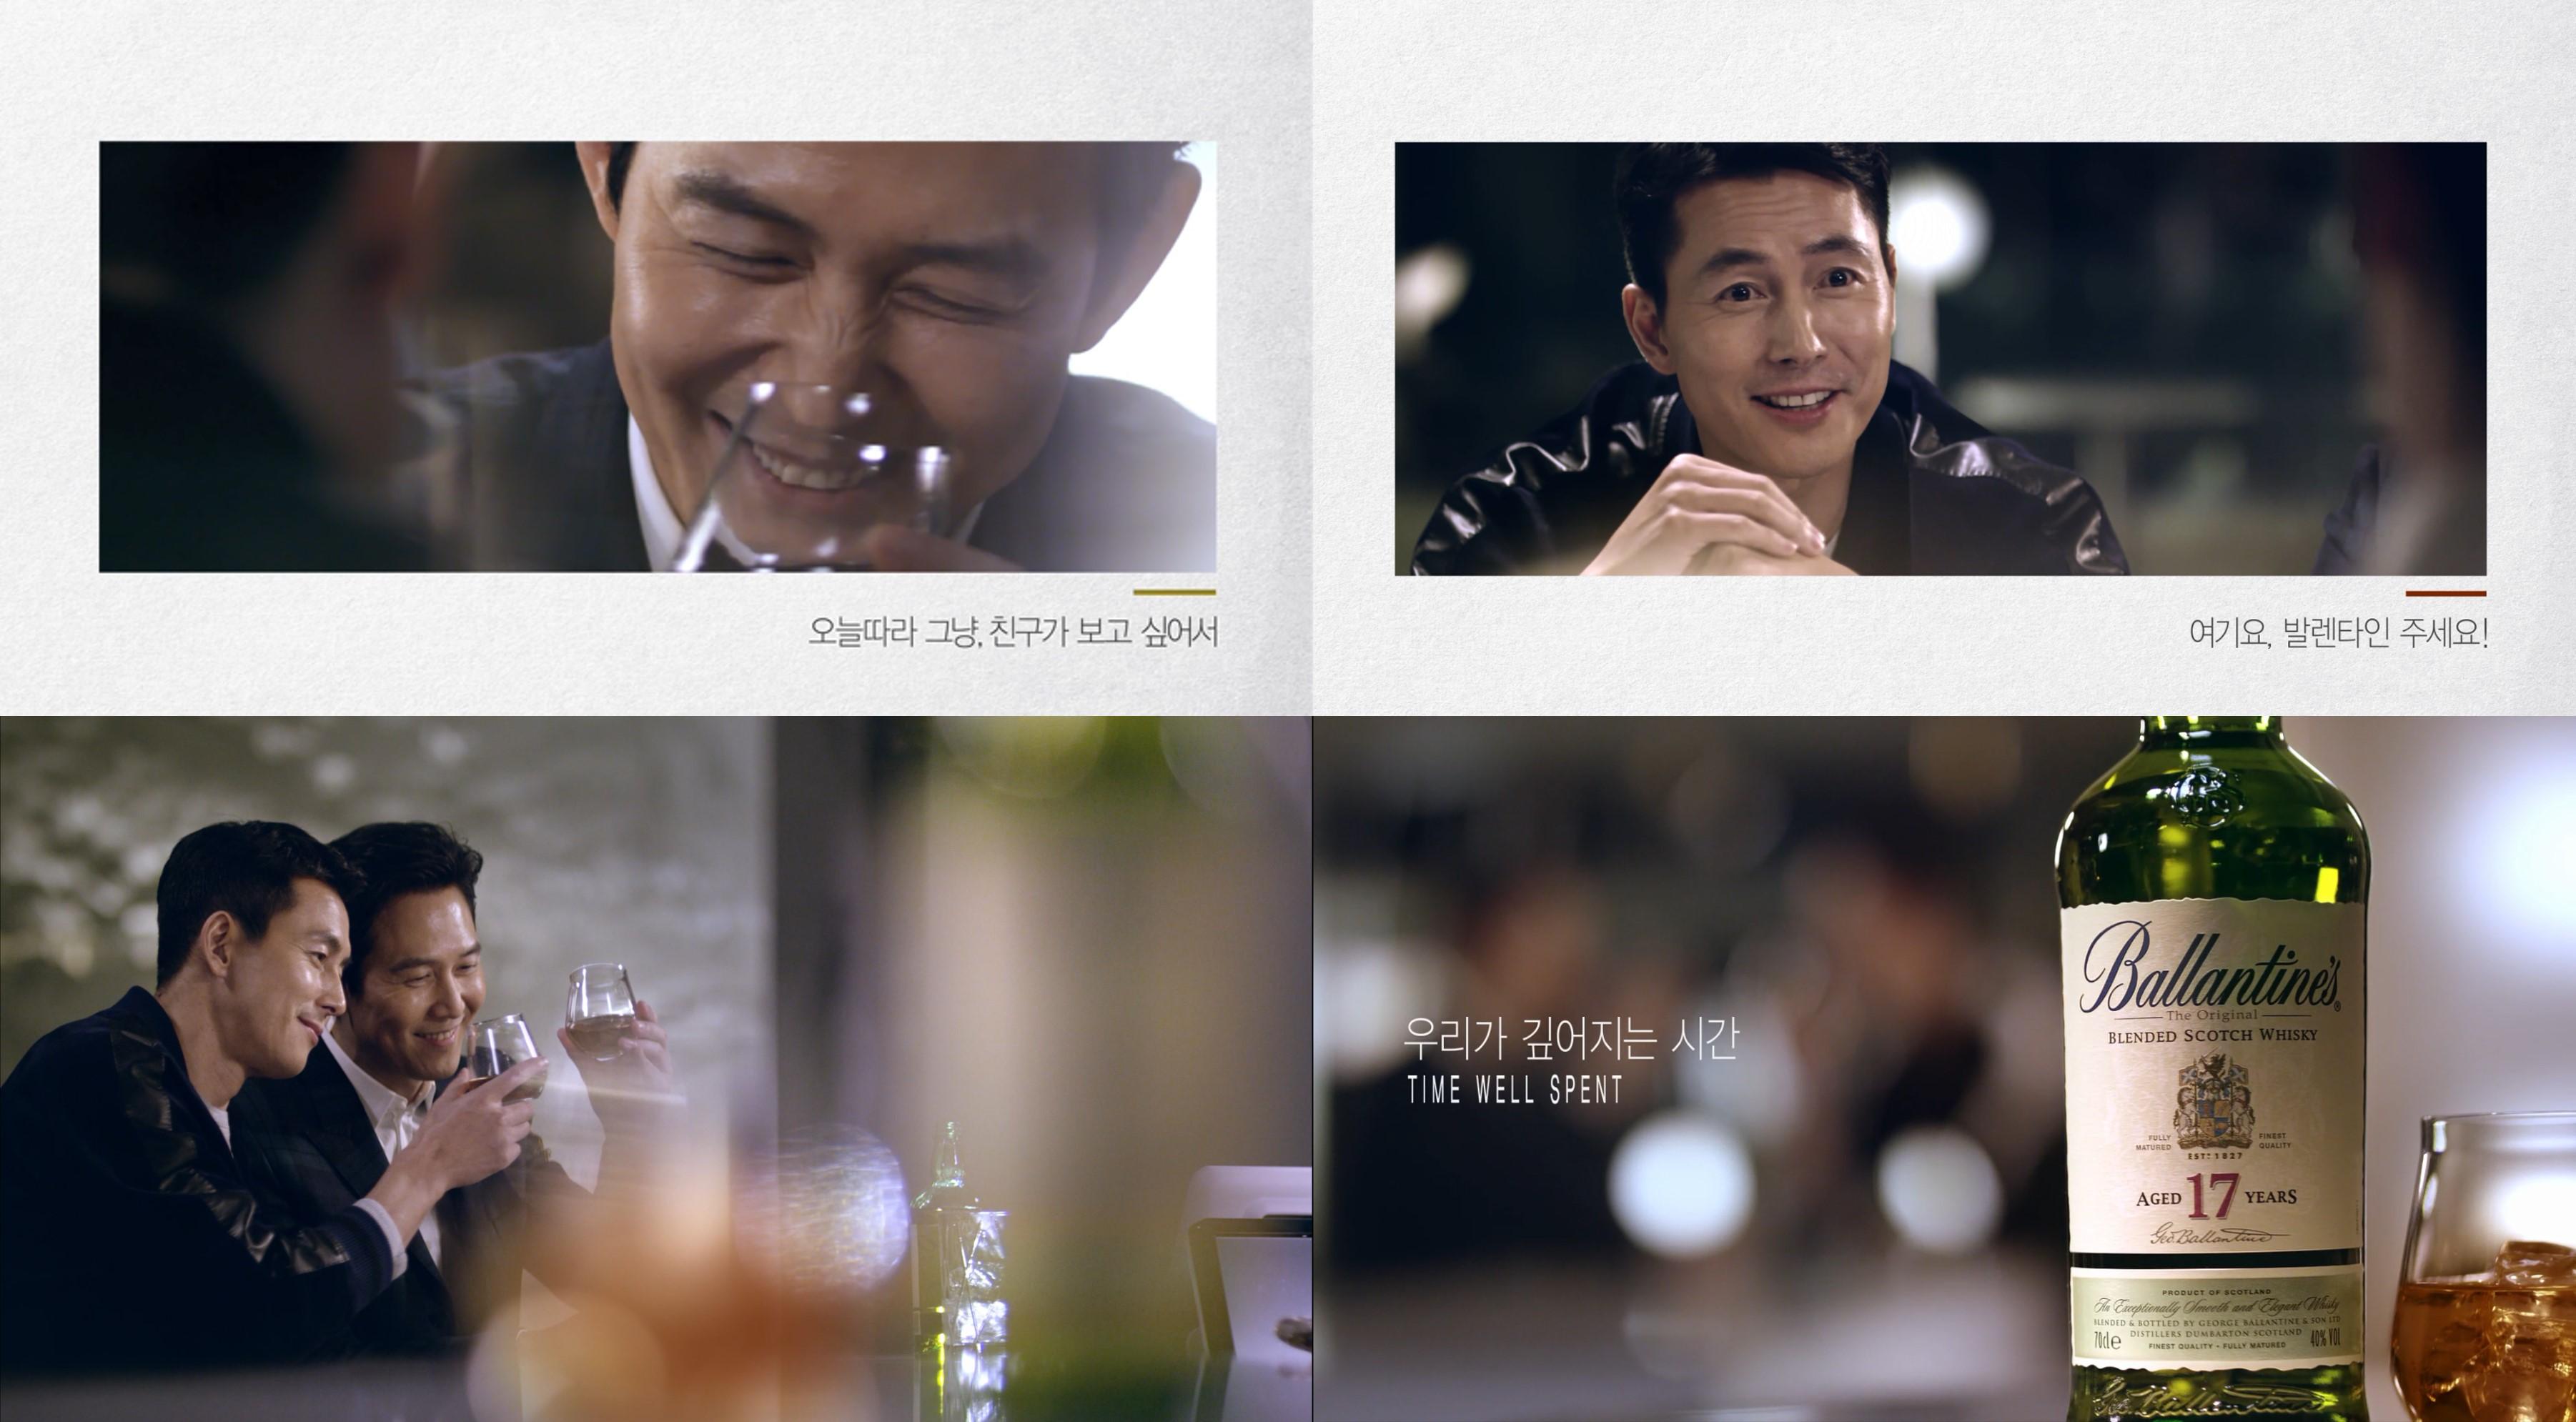 보도사진_발렌타인 우리가 깊어지는 시간 캠페인 새로운 광고 영상 공개_180213.jpg